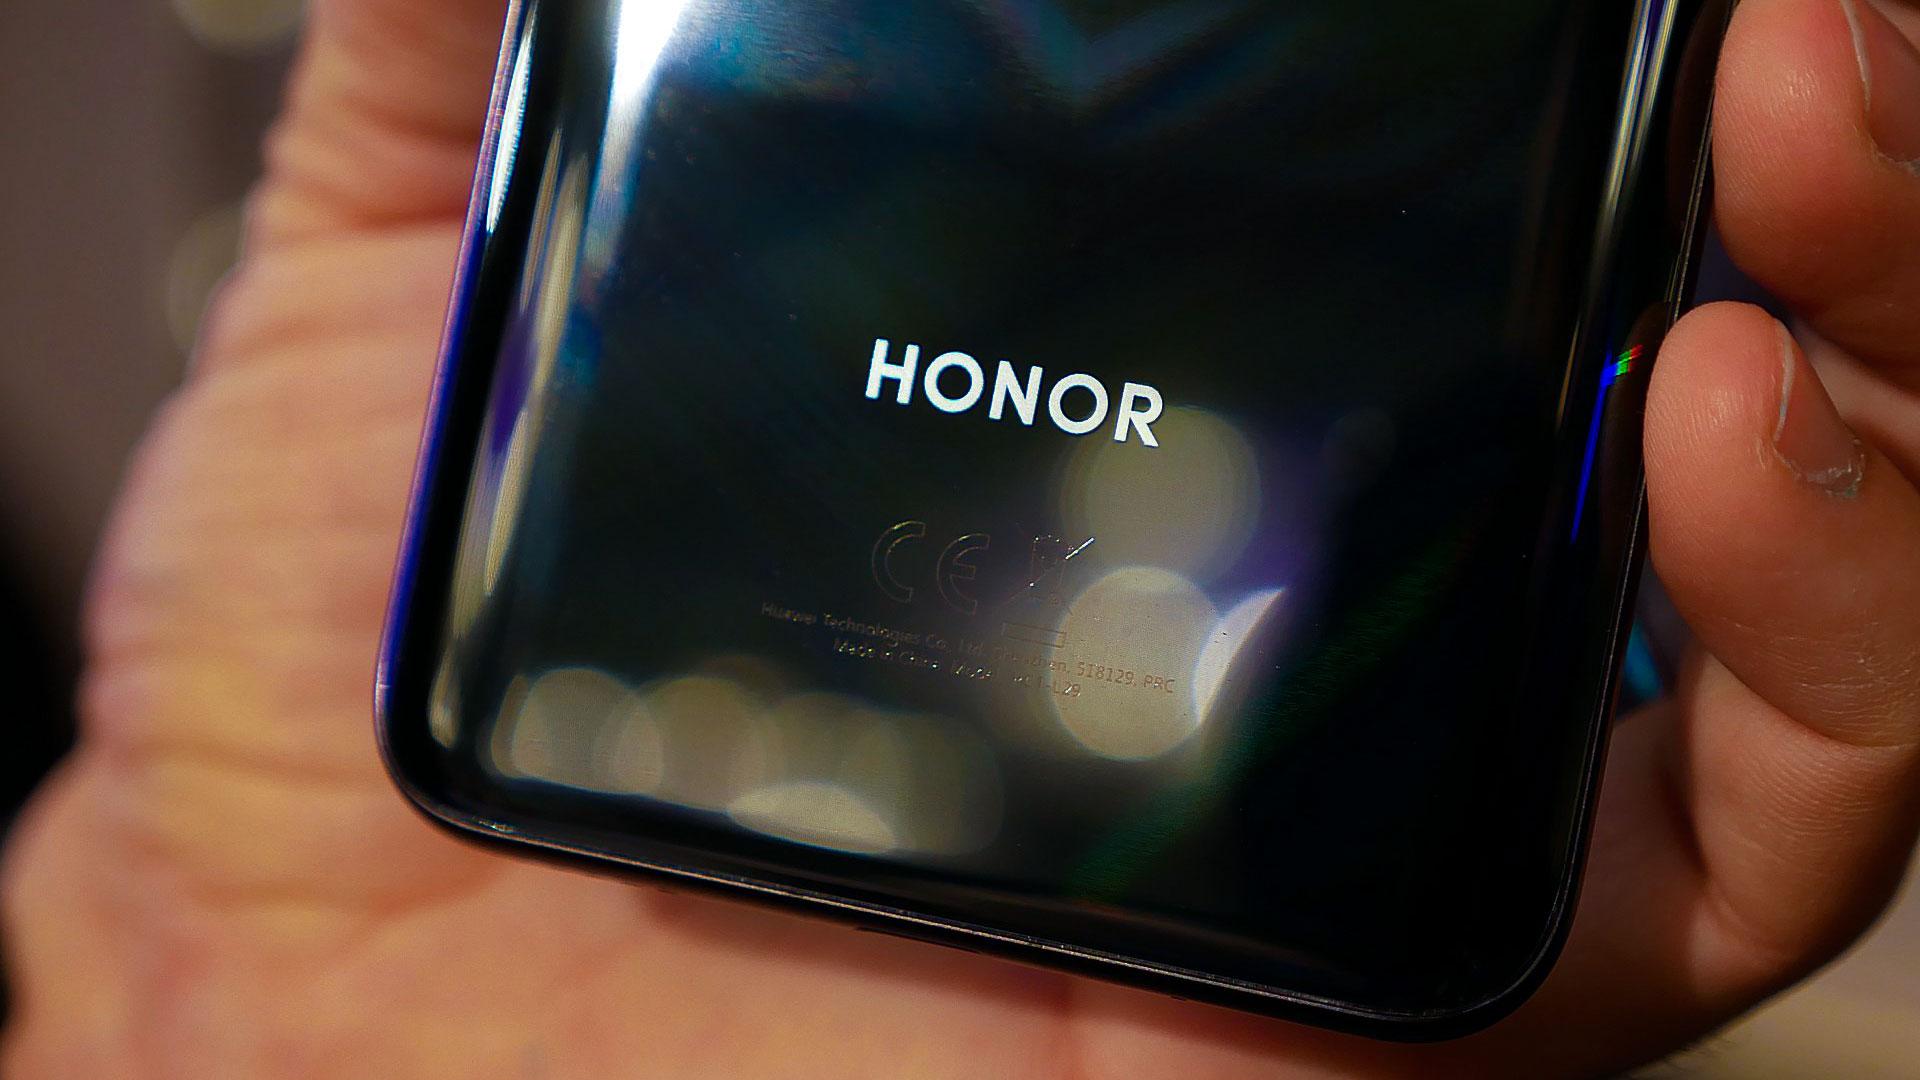 اولین موبایل 5G آنر (Honor) اواخر سال جاری میلادی رونمایی خواهد شد